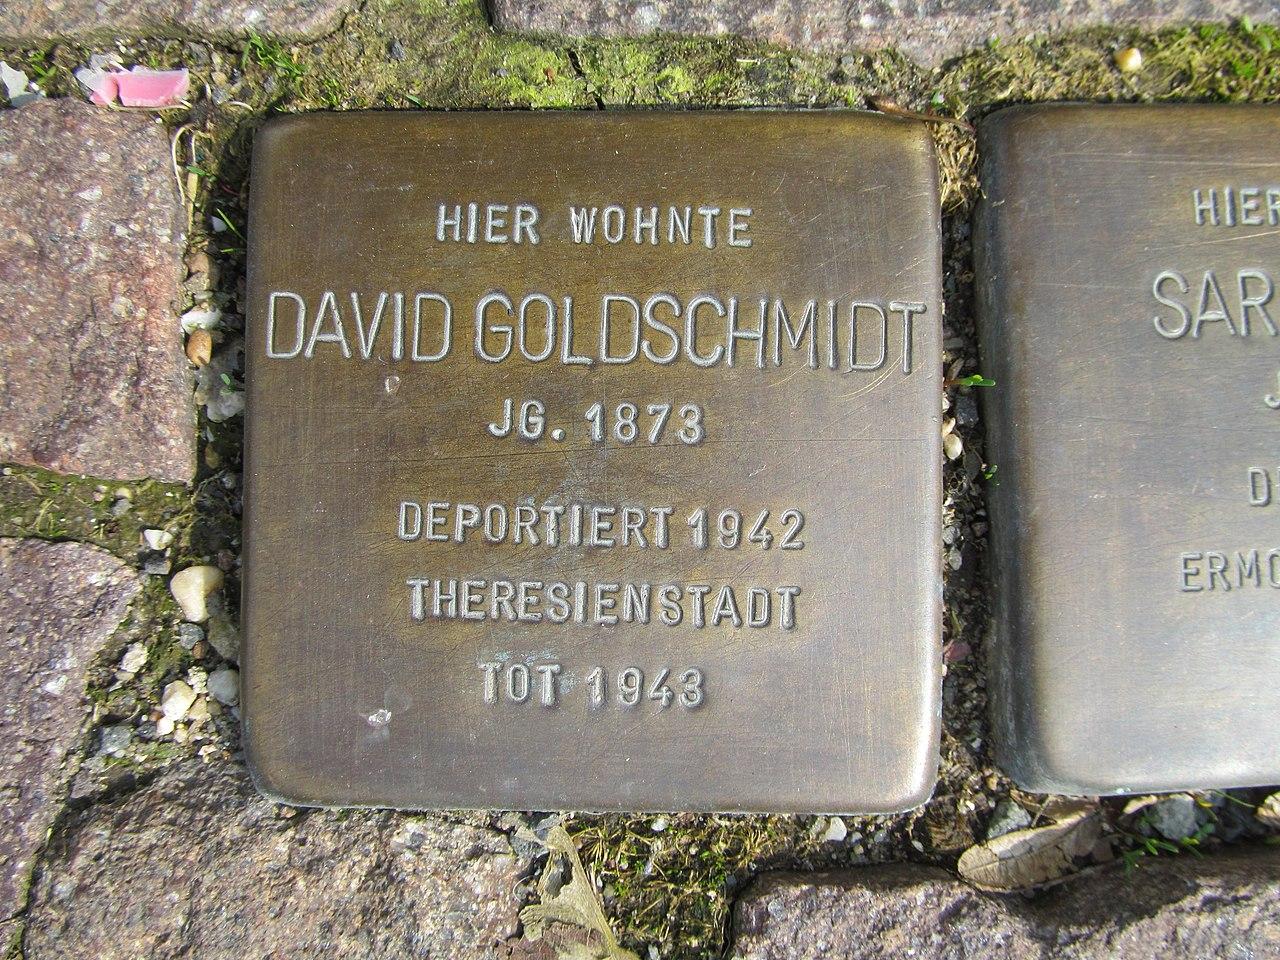 Stolperstein David Goldschmidt, 1, Pferdemarkt 8, Frankenberg, Landkreis Waldeck-Frankenberg.jpg